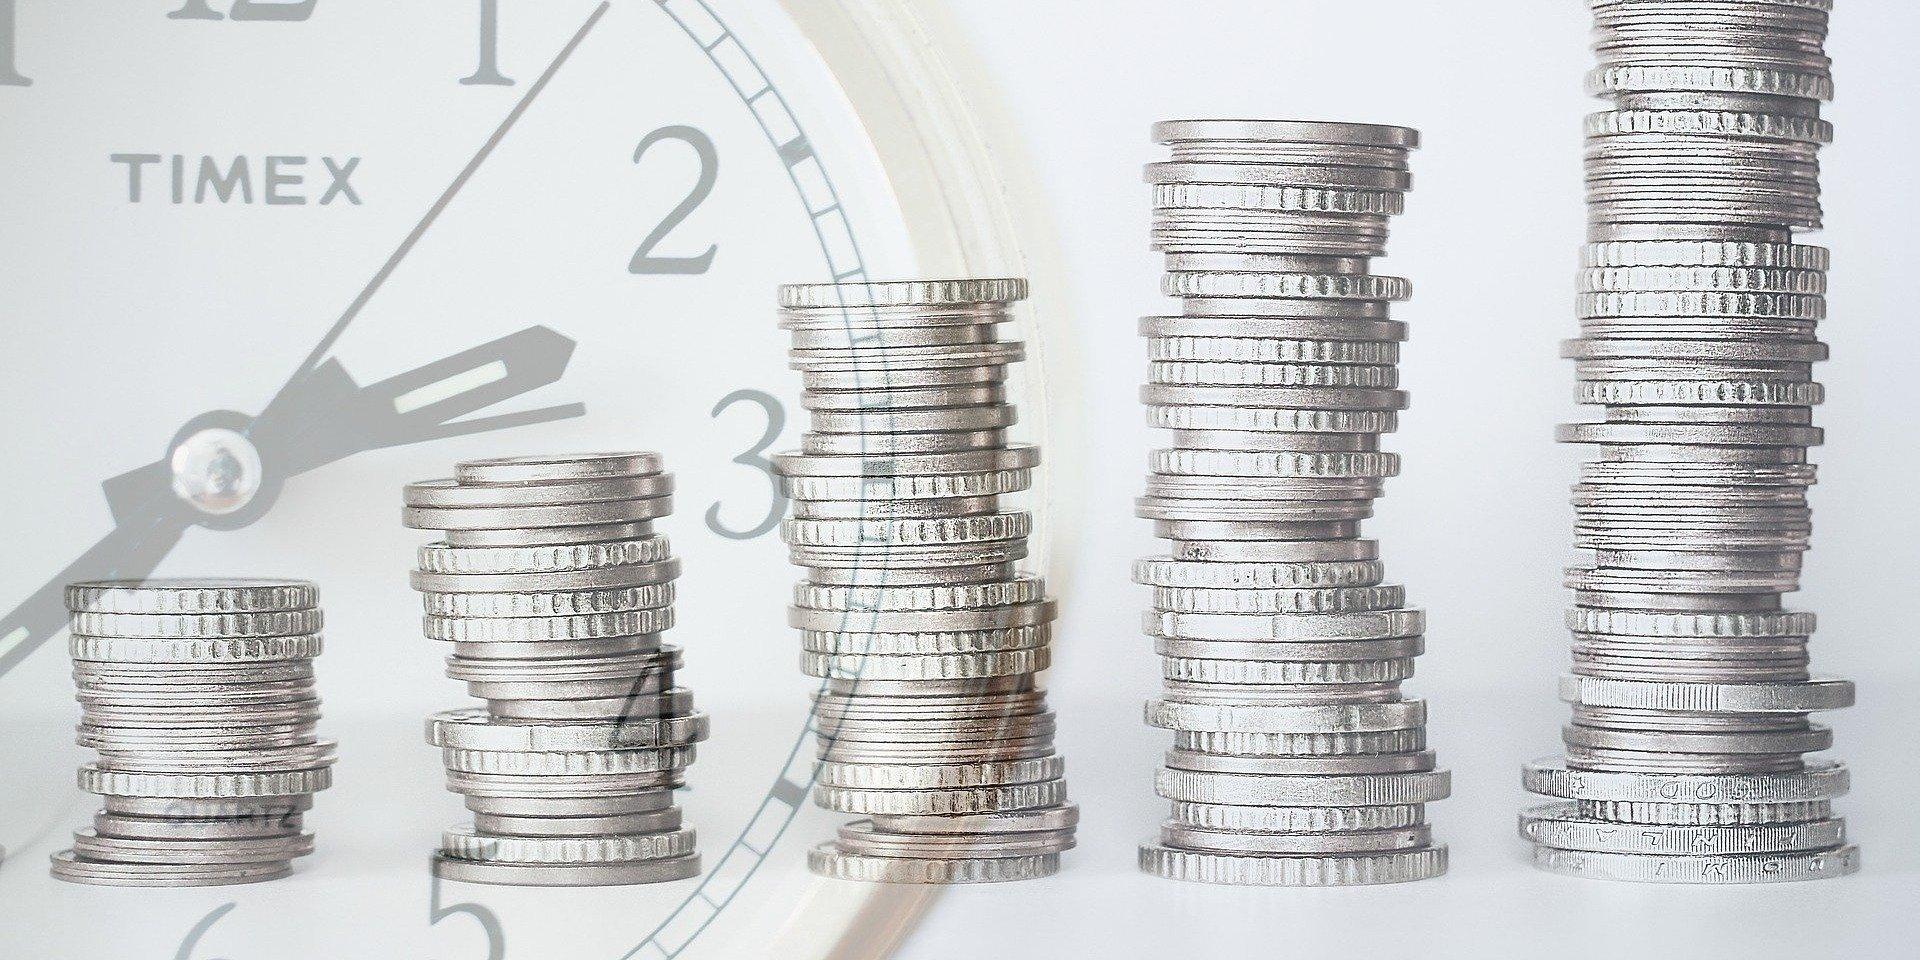 Warmińsko-mazurskie – wkrótce druga tura bezzwrotnych dotacji unijnych na kapitał obrotowy